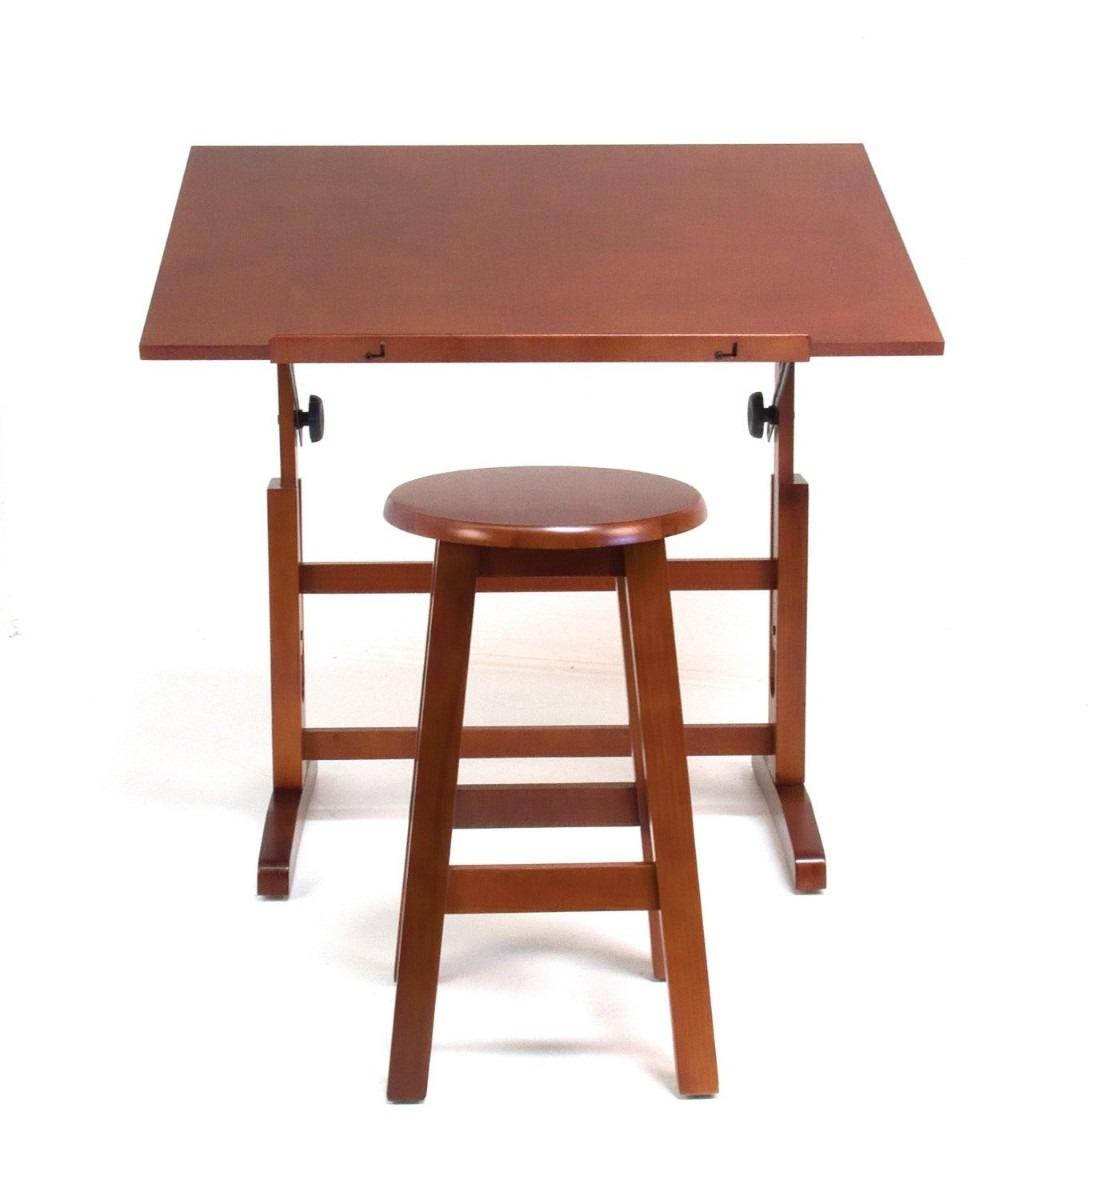 Mesa para dibujo artistico con silla escritorio dibujar vbf 3 en mercado libre - Mesa de dibujo para arquitectura ...